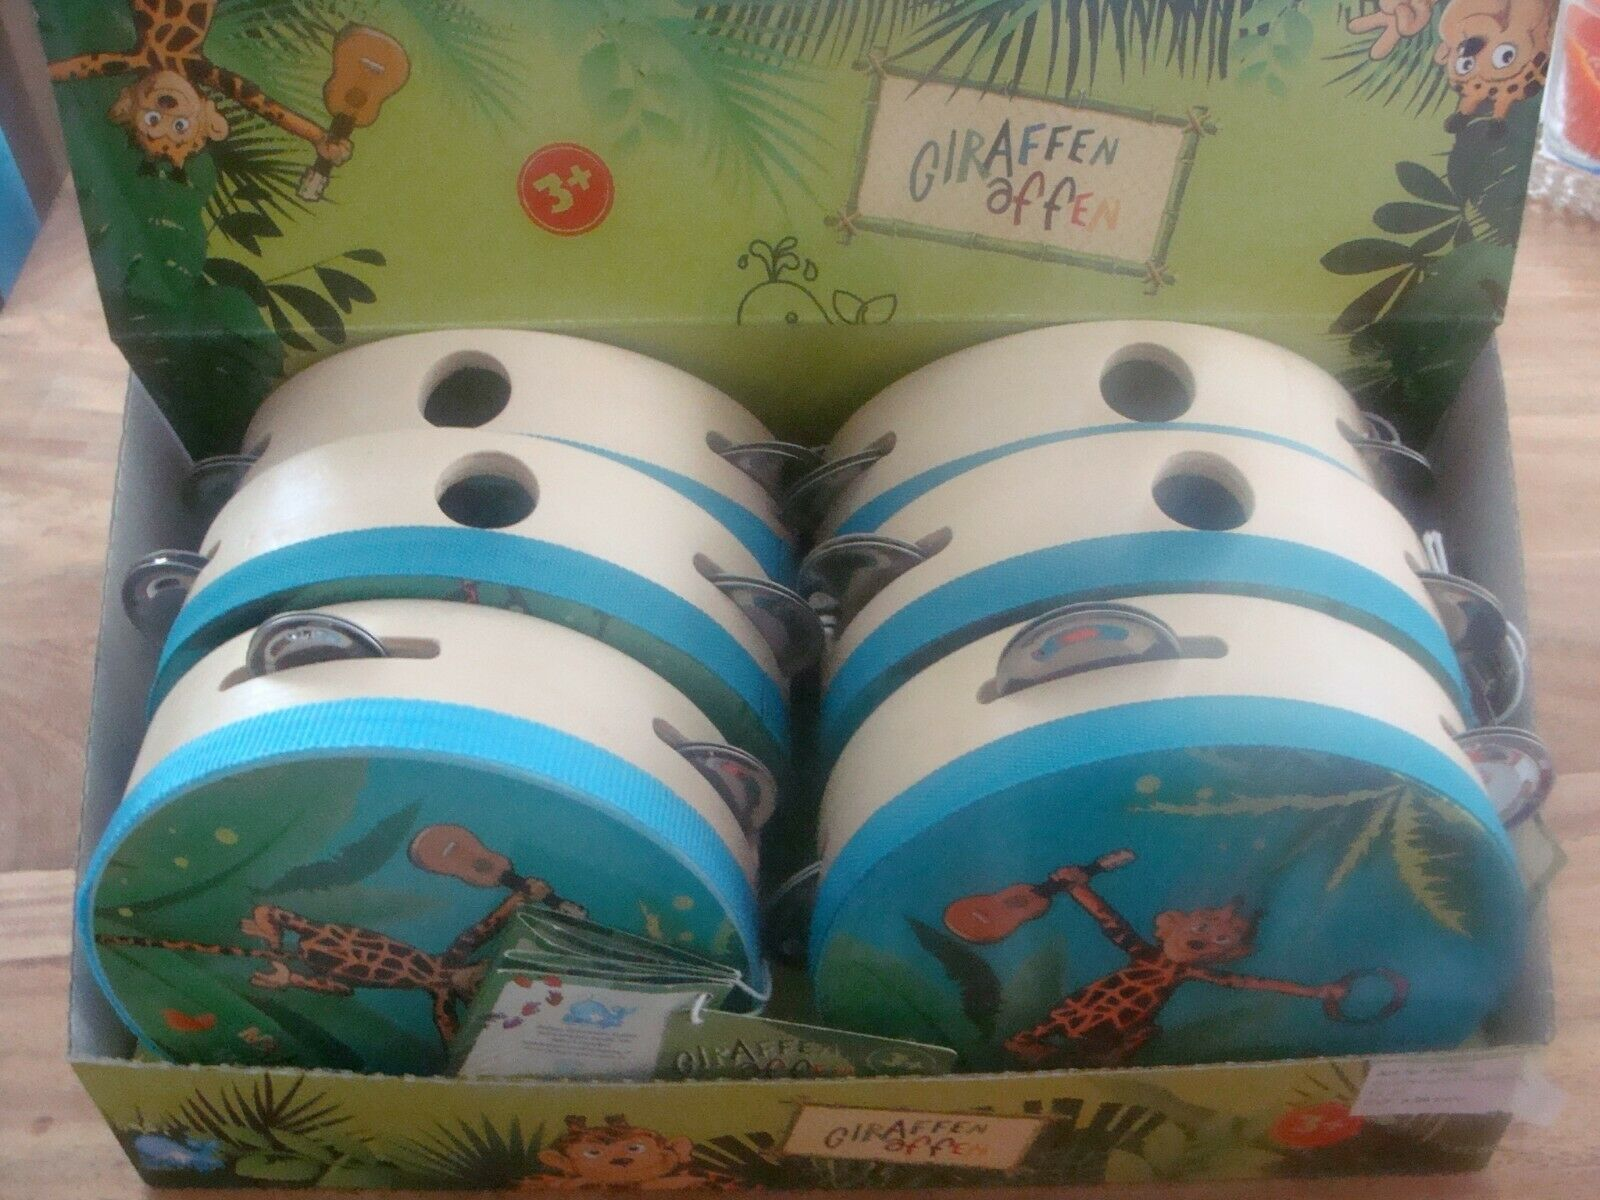 Beluga Spielwaren 67002 Giraffenaffen Tamburin